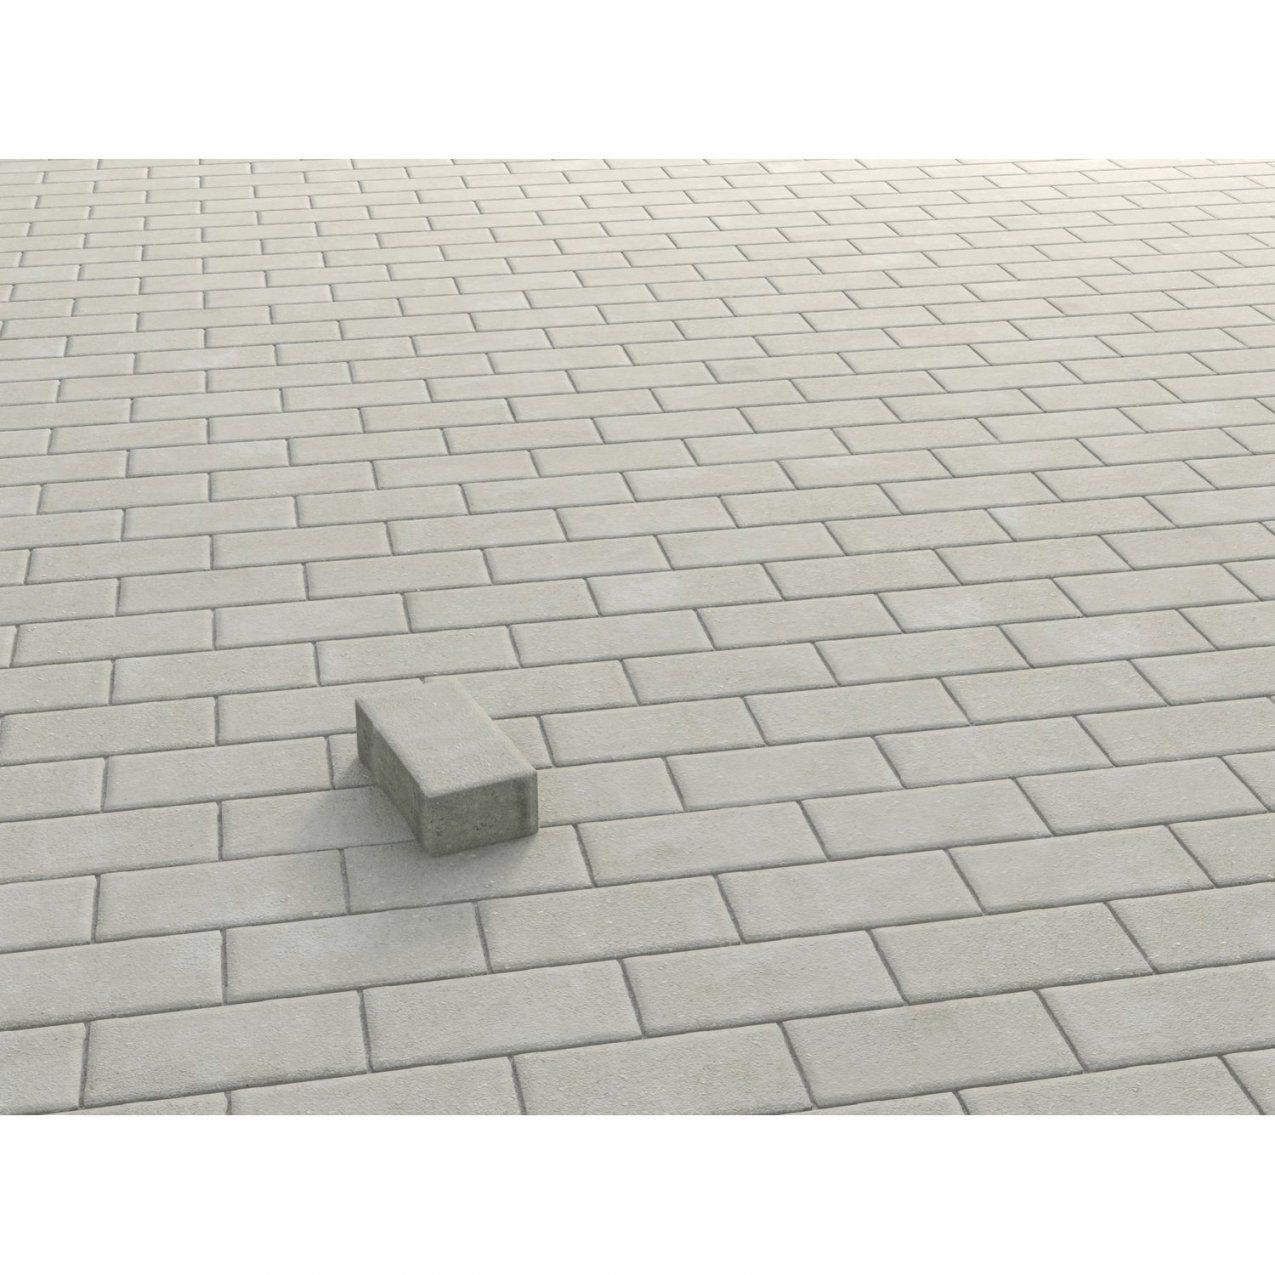 Rechteckpflaster Beton Grau 20 Cm X 10 Cm X 6 Cm Kaufen Bei Obi von Beton U Steine Obi Bild